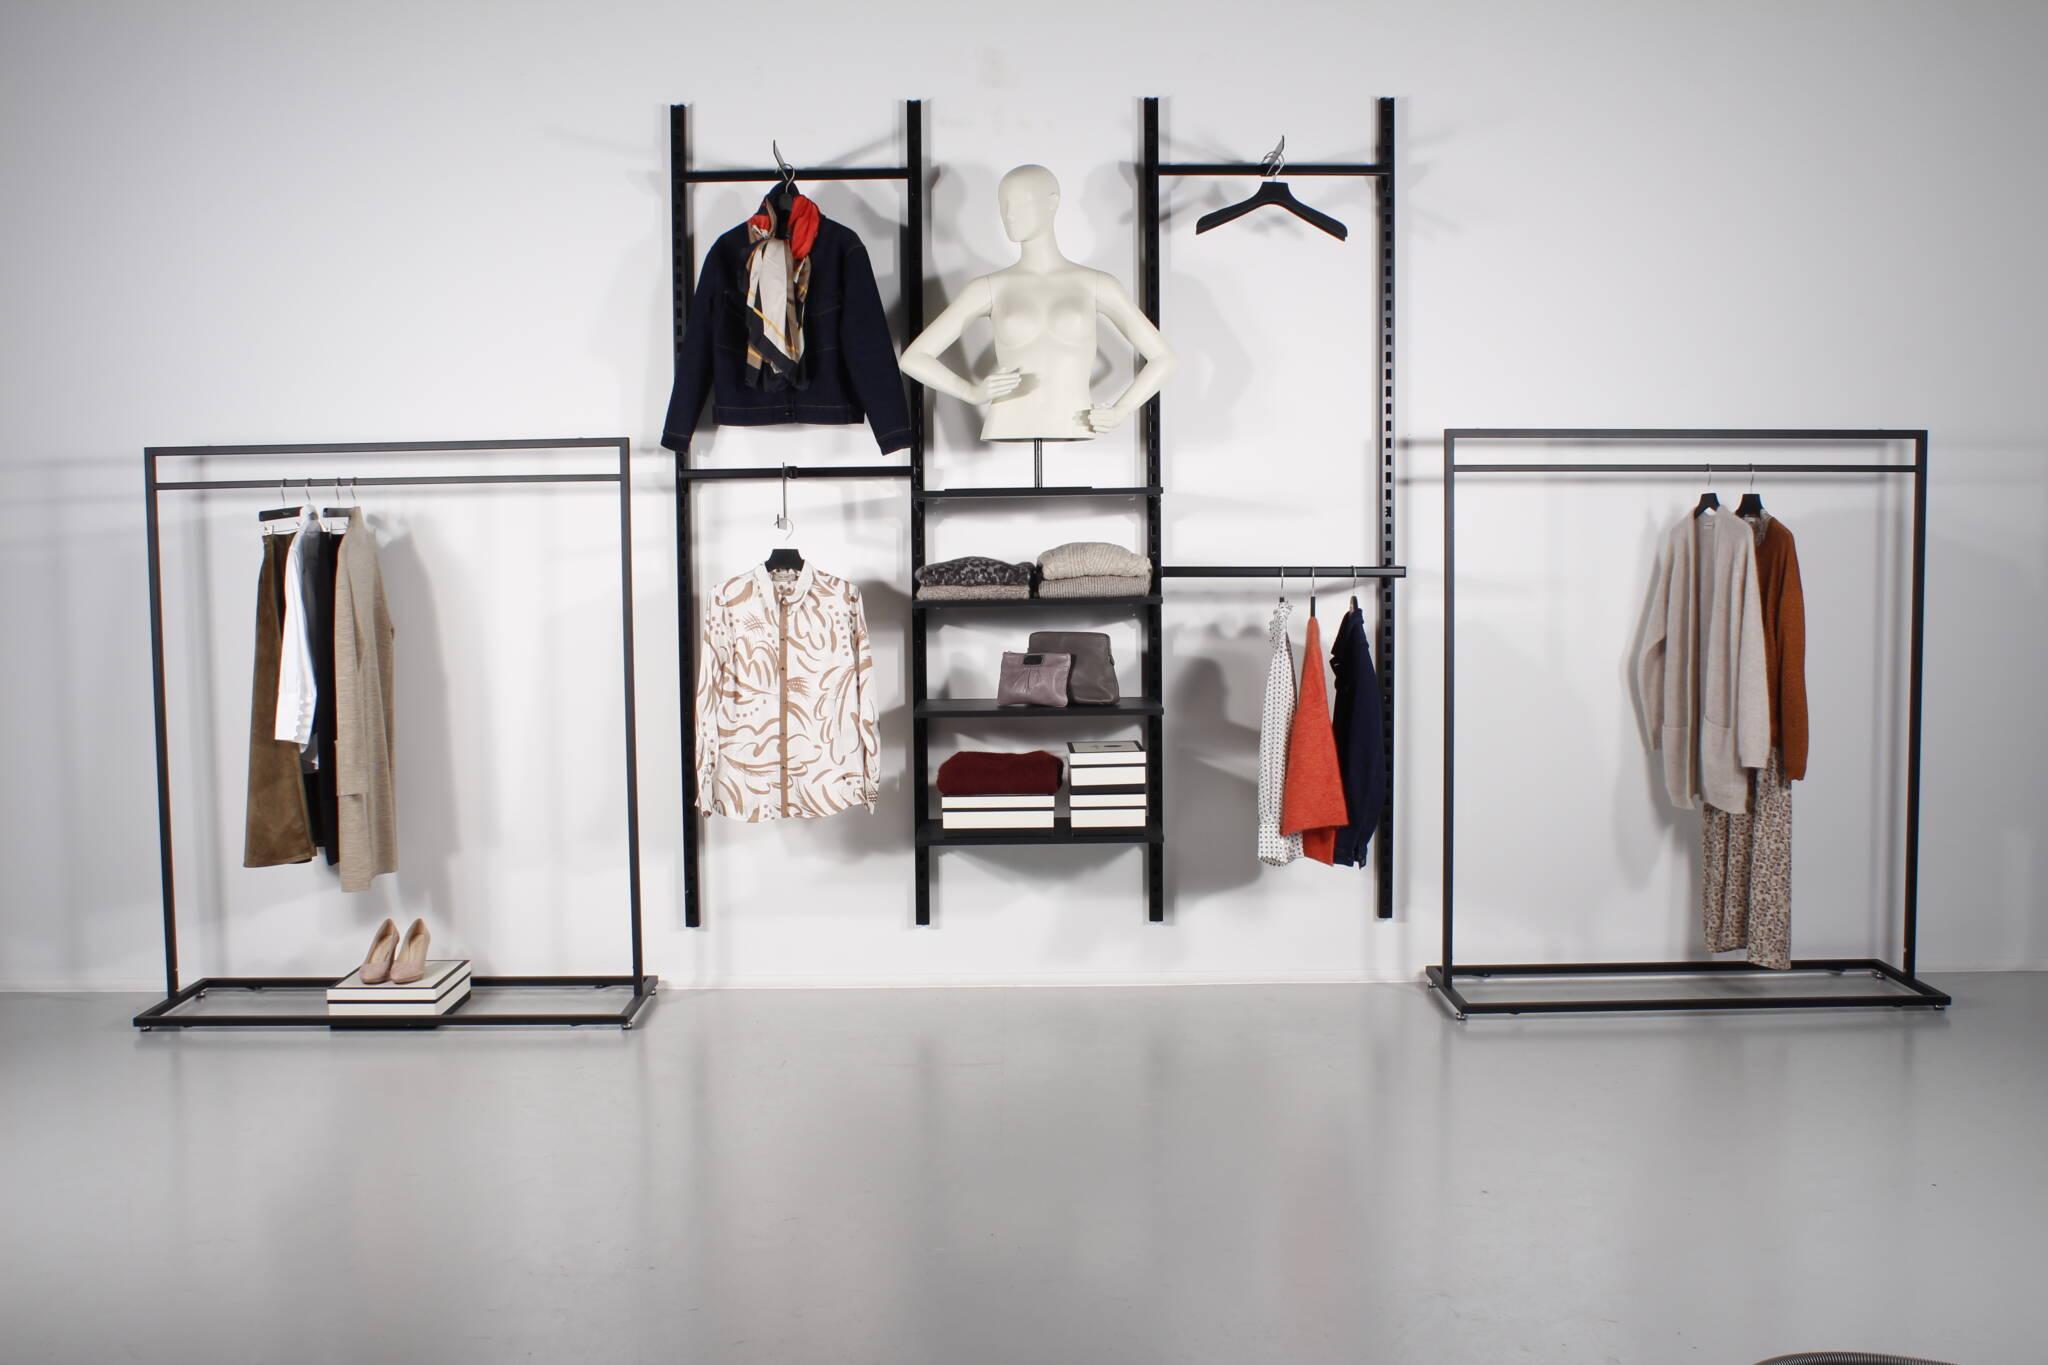 Væginventar kombineret med designer tøjstativer